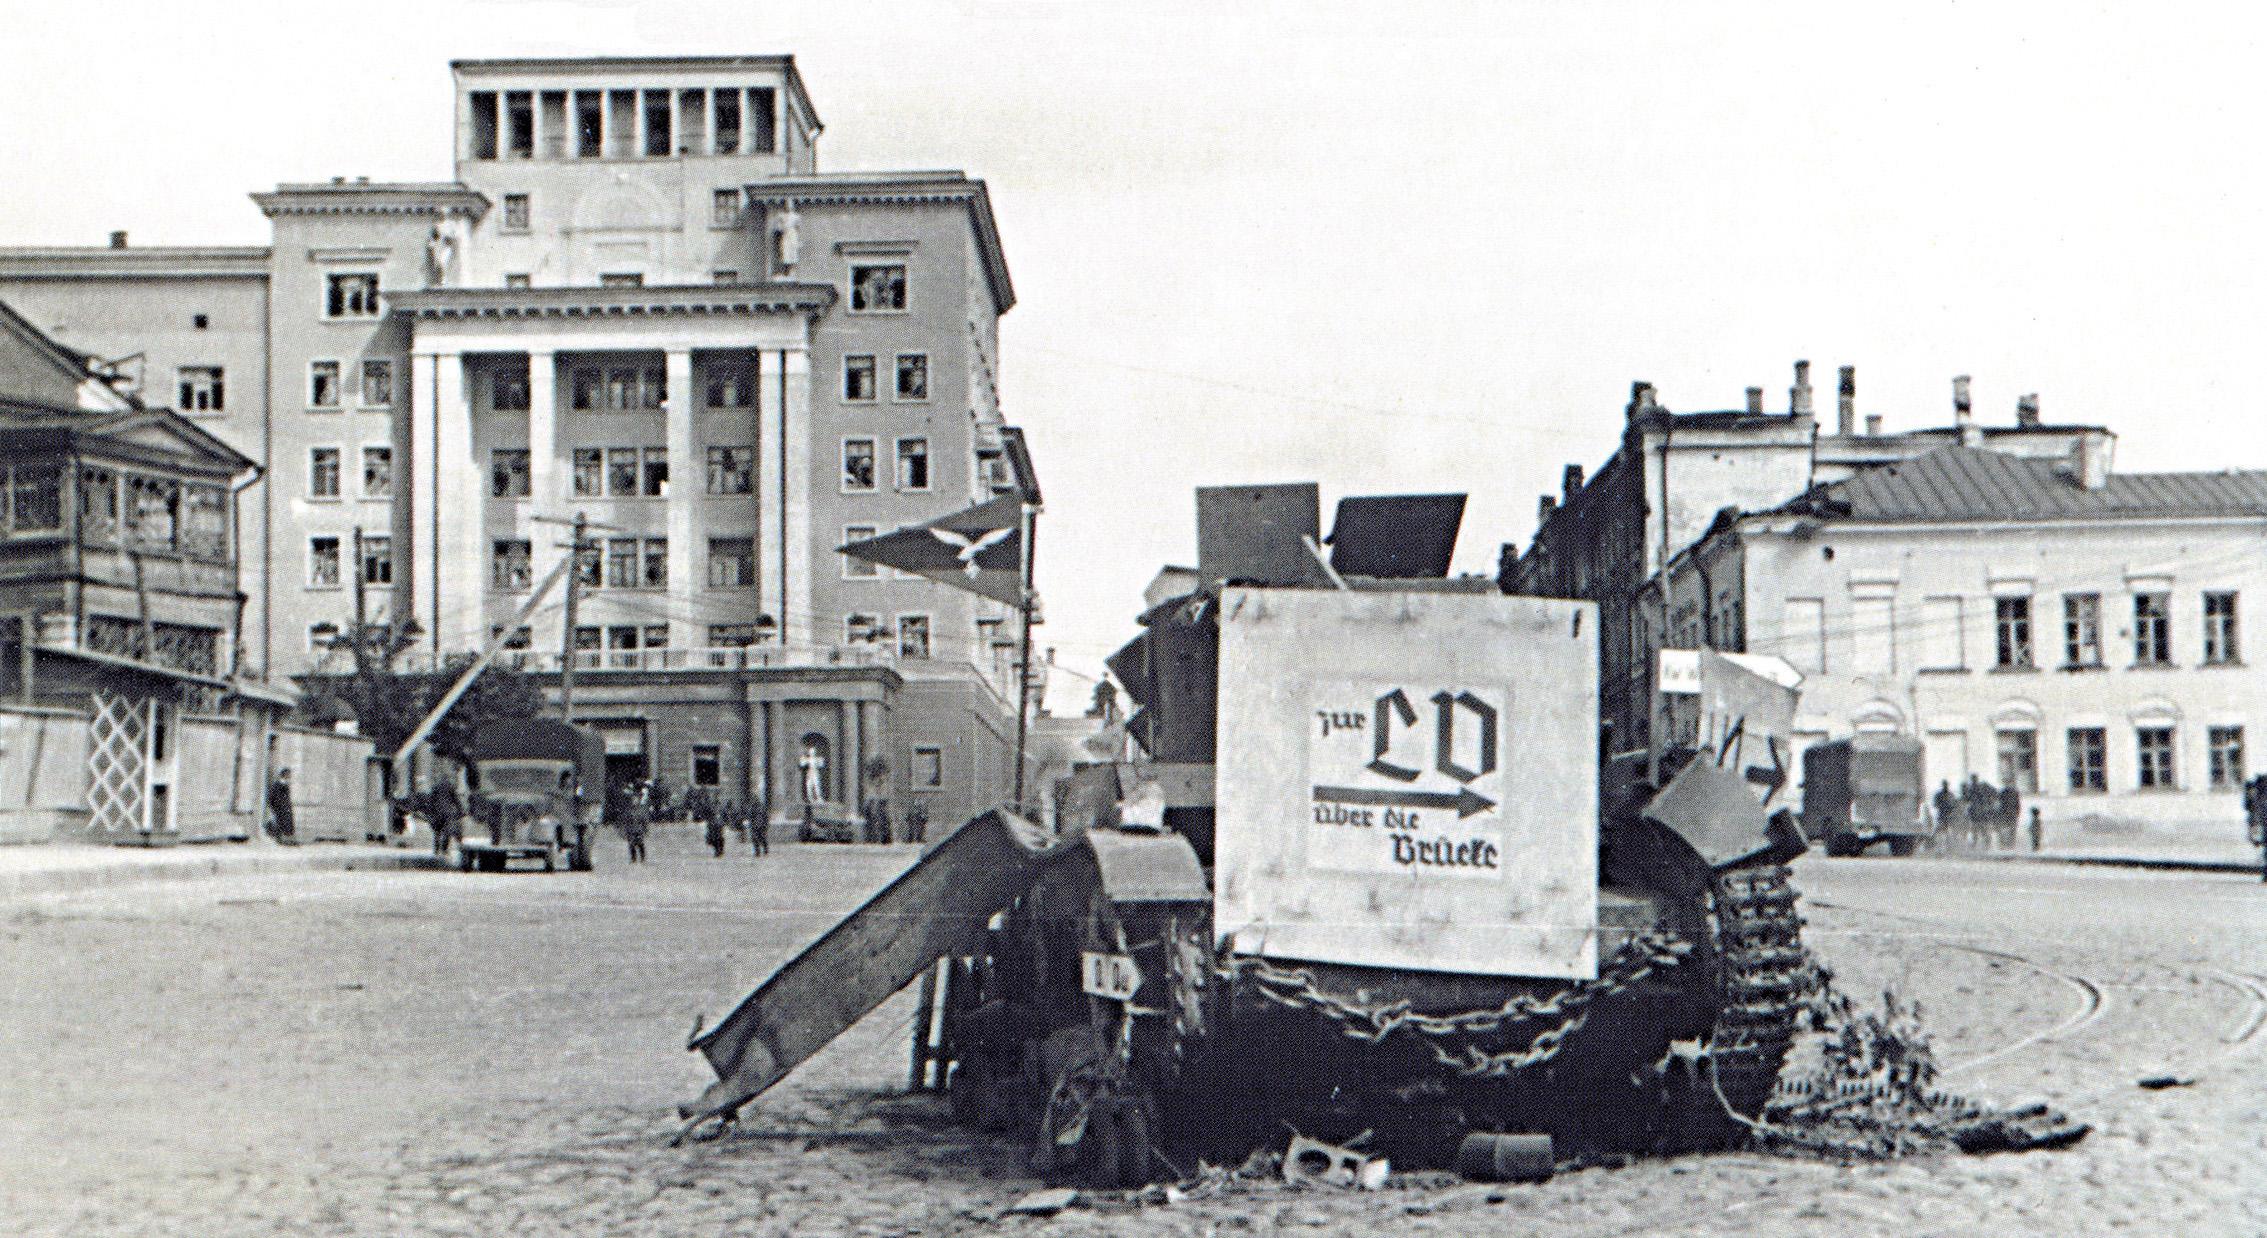 1941. Гостиница Смоленск и подбитый Т-26 с немецкими указателями